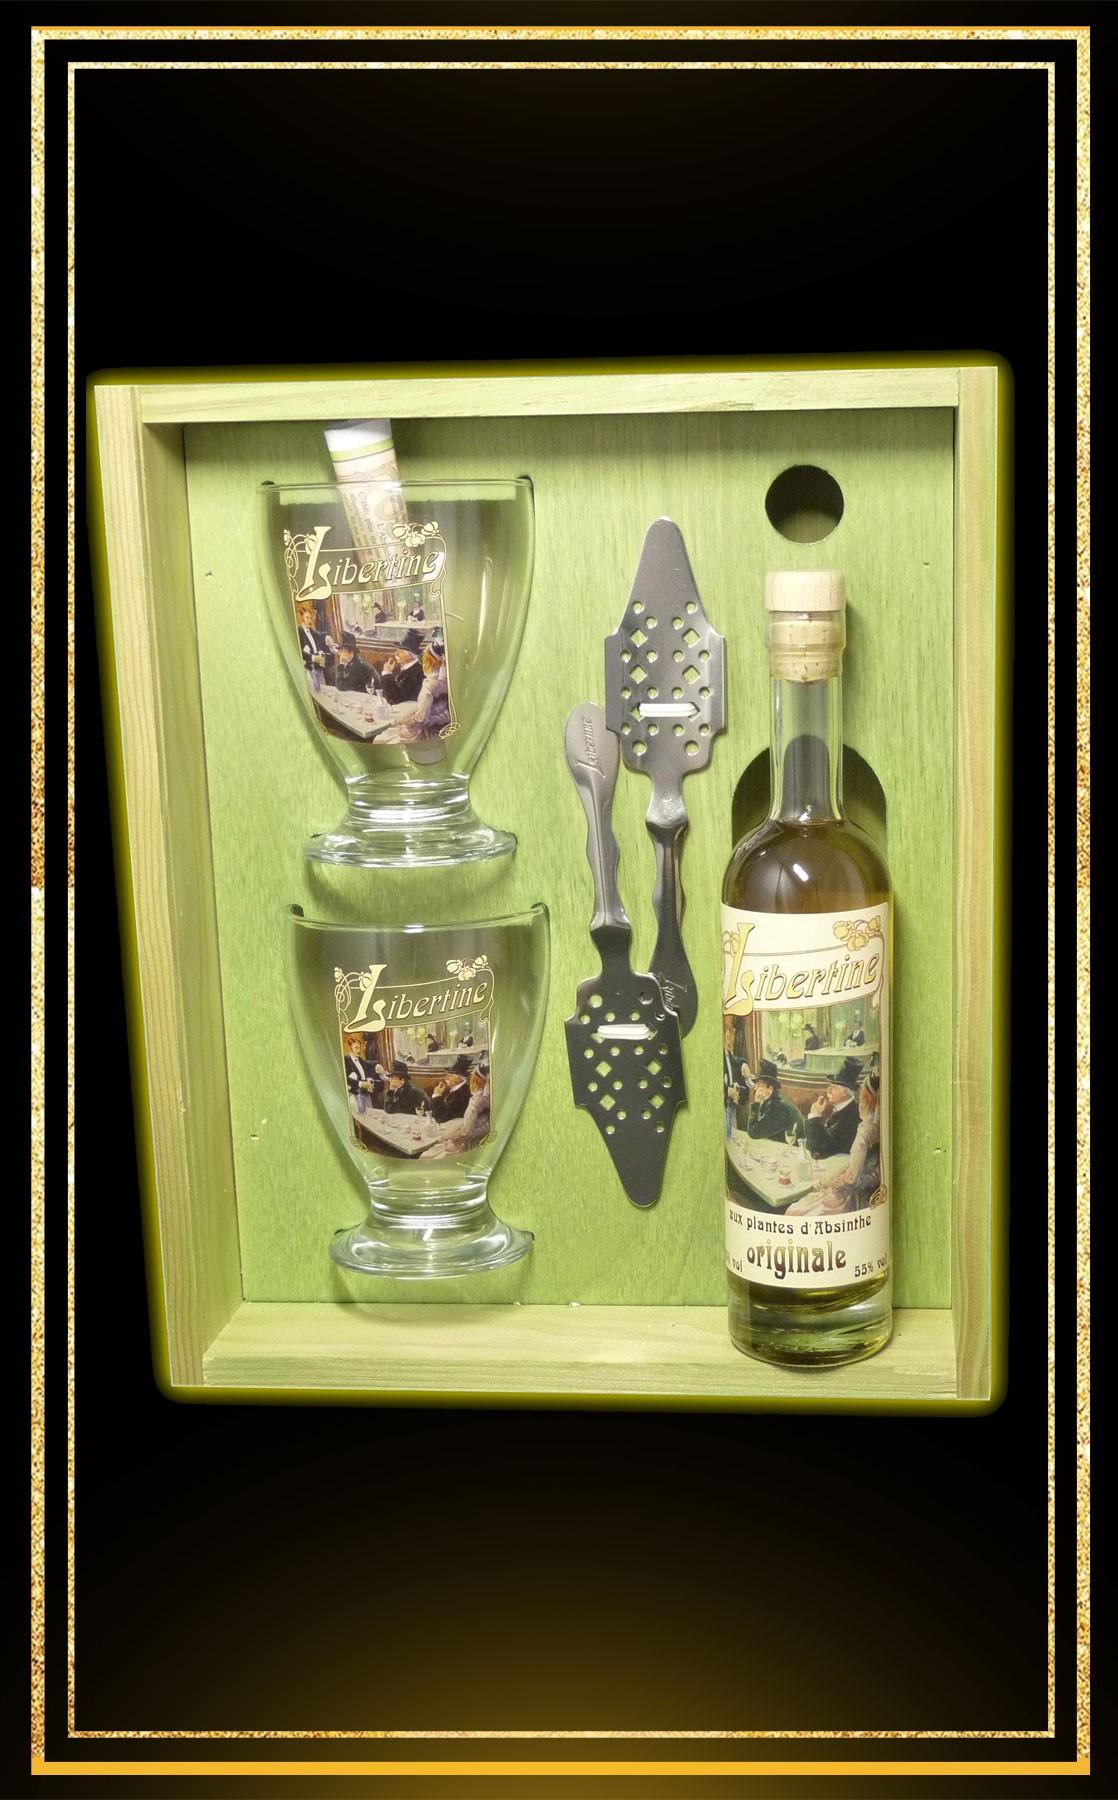 Coffret bois Absinthe Libertine Originale 20cl 2 verres et 2 cuillères